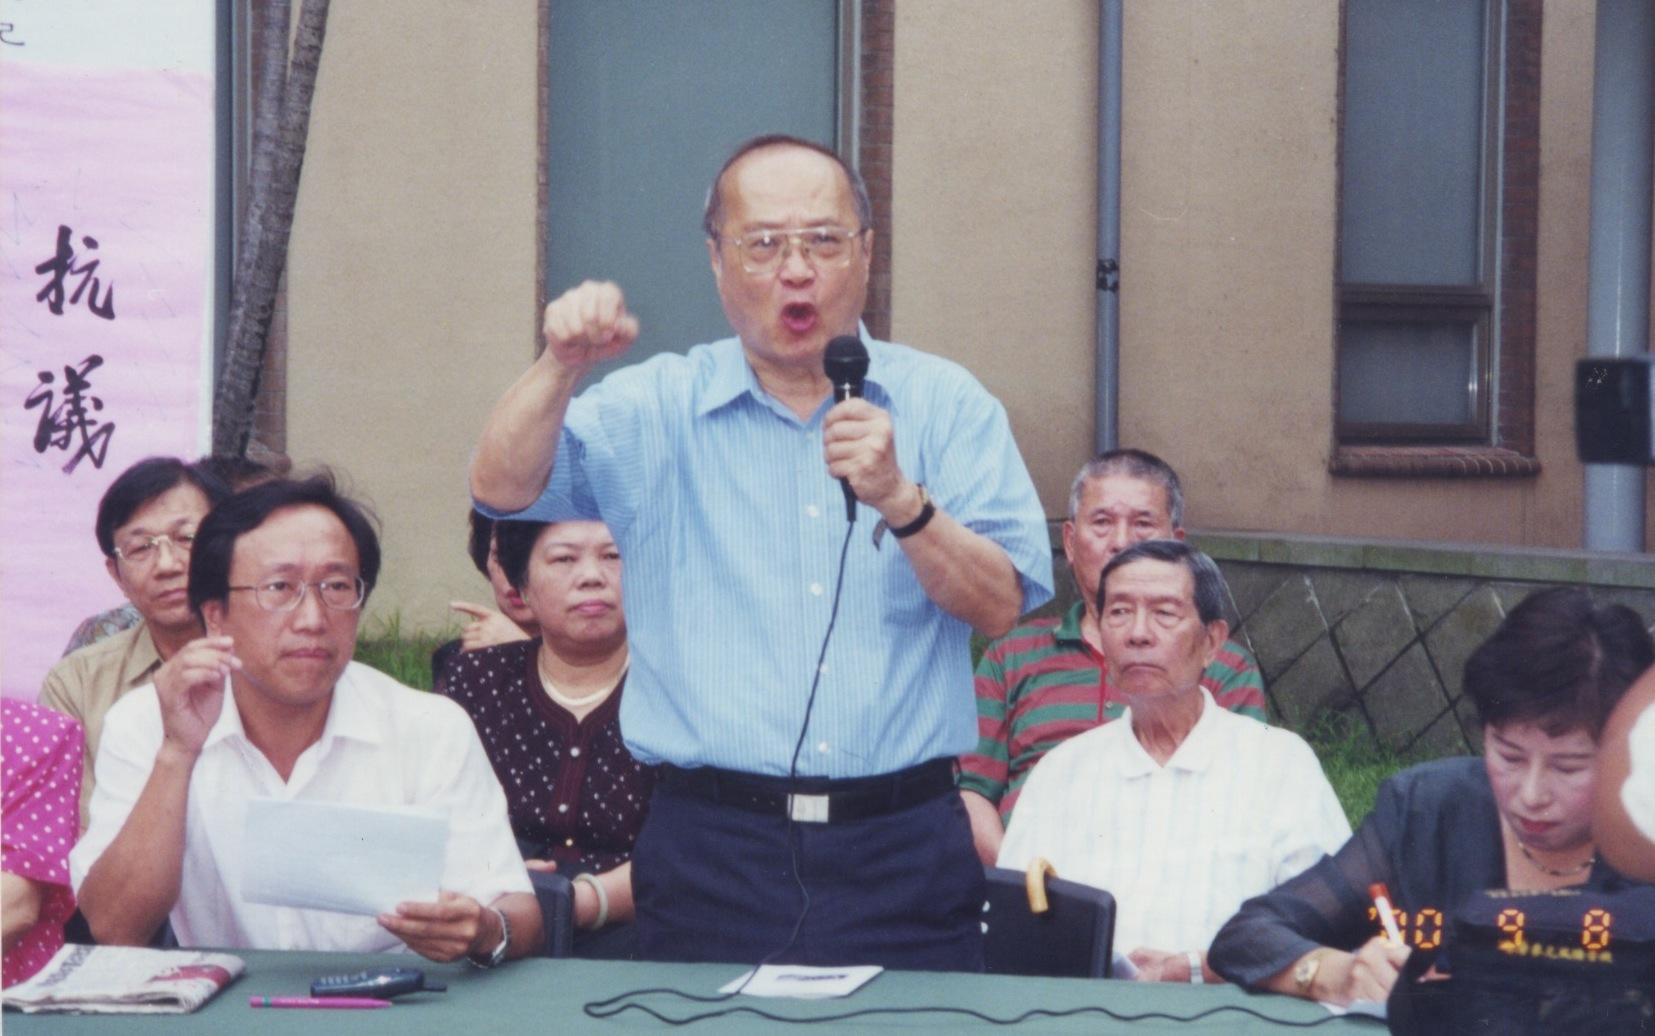 陳少廷與台灣民主運動